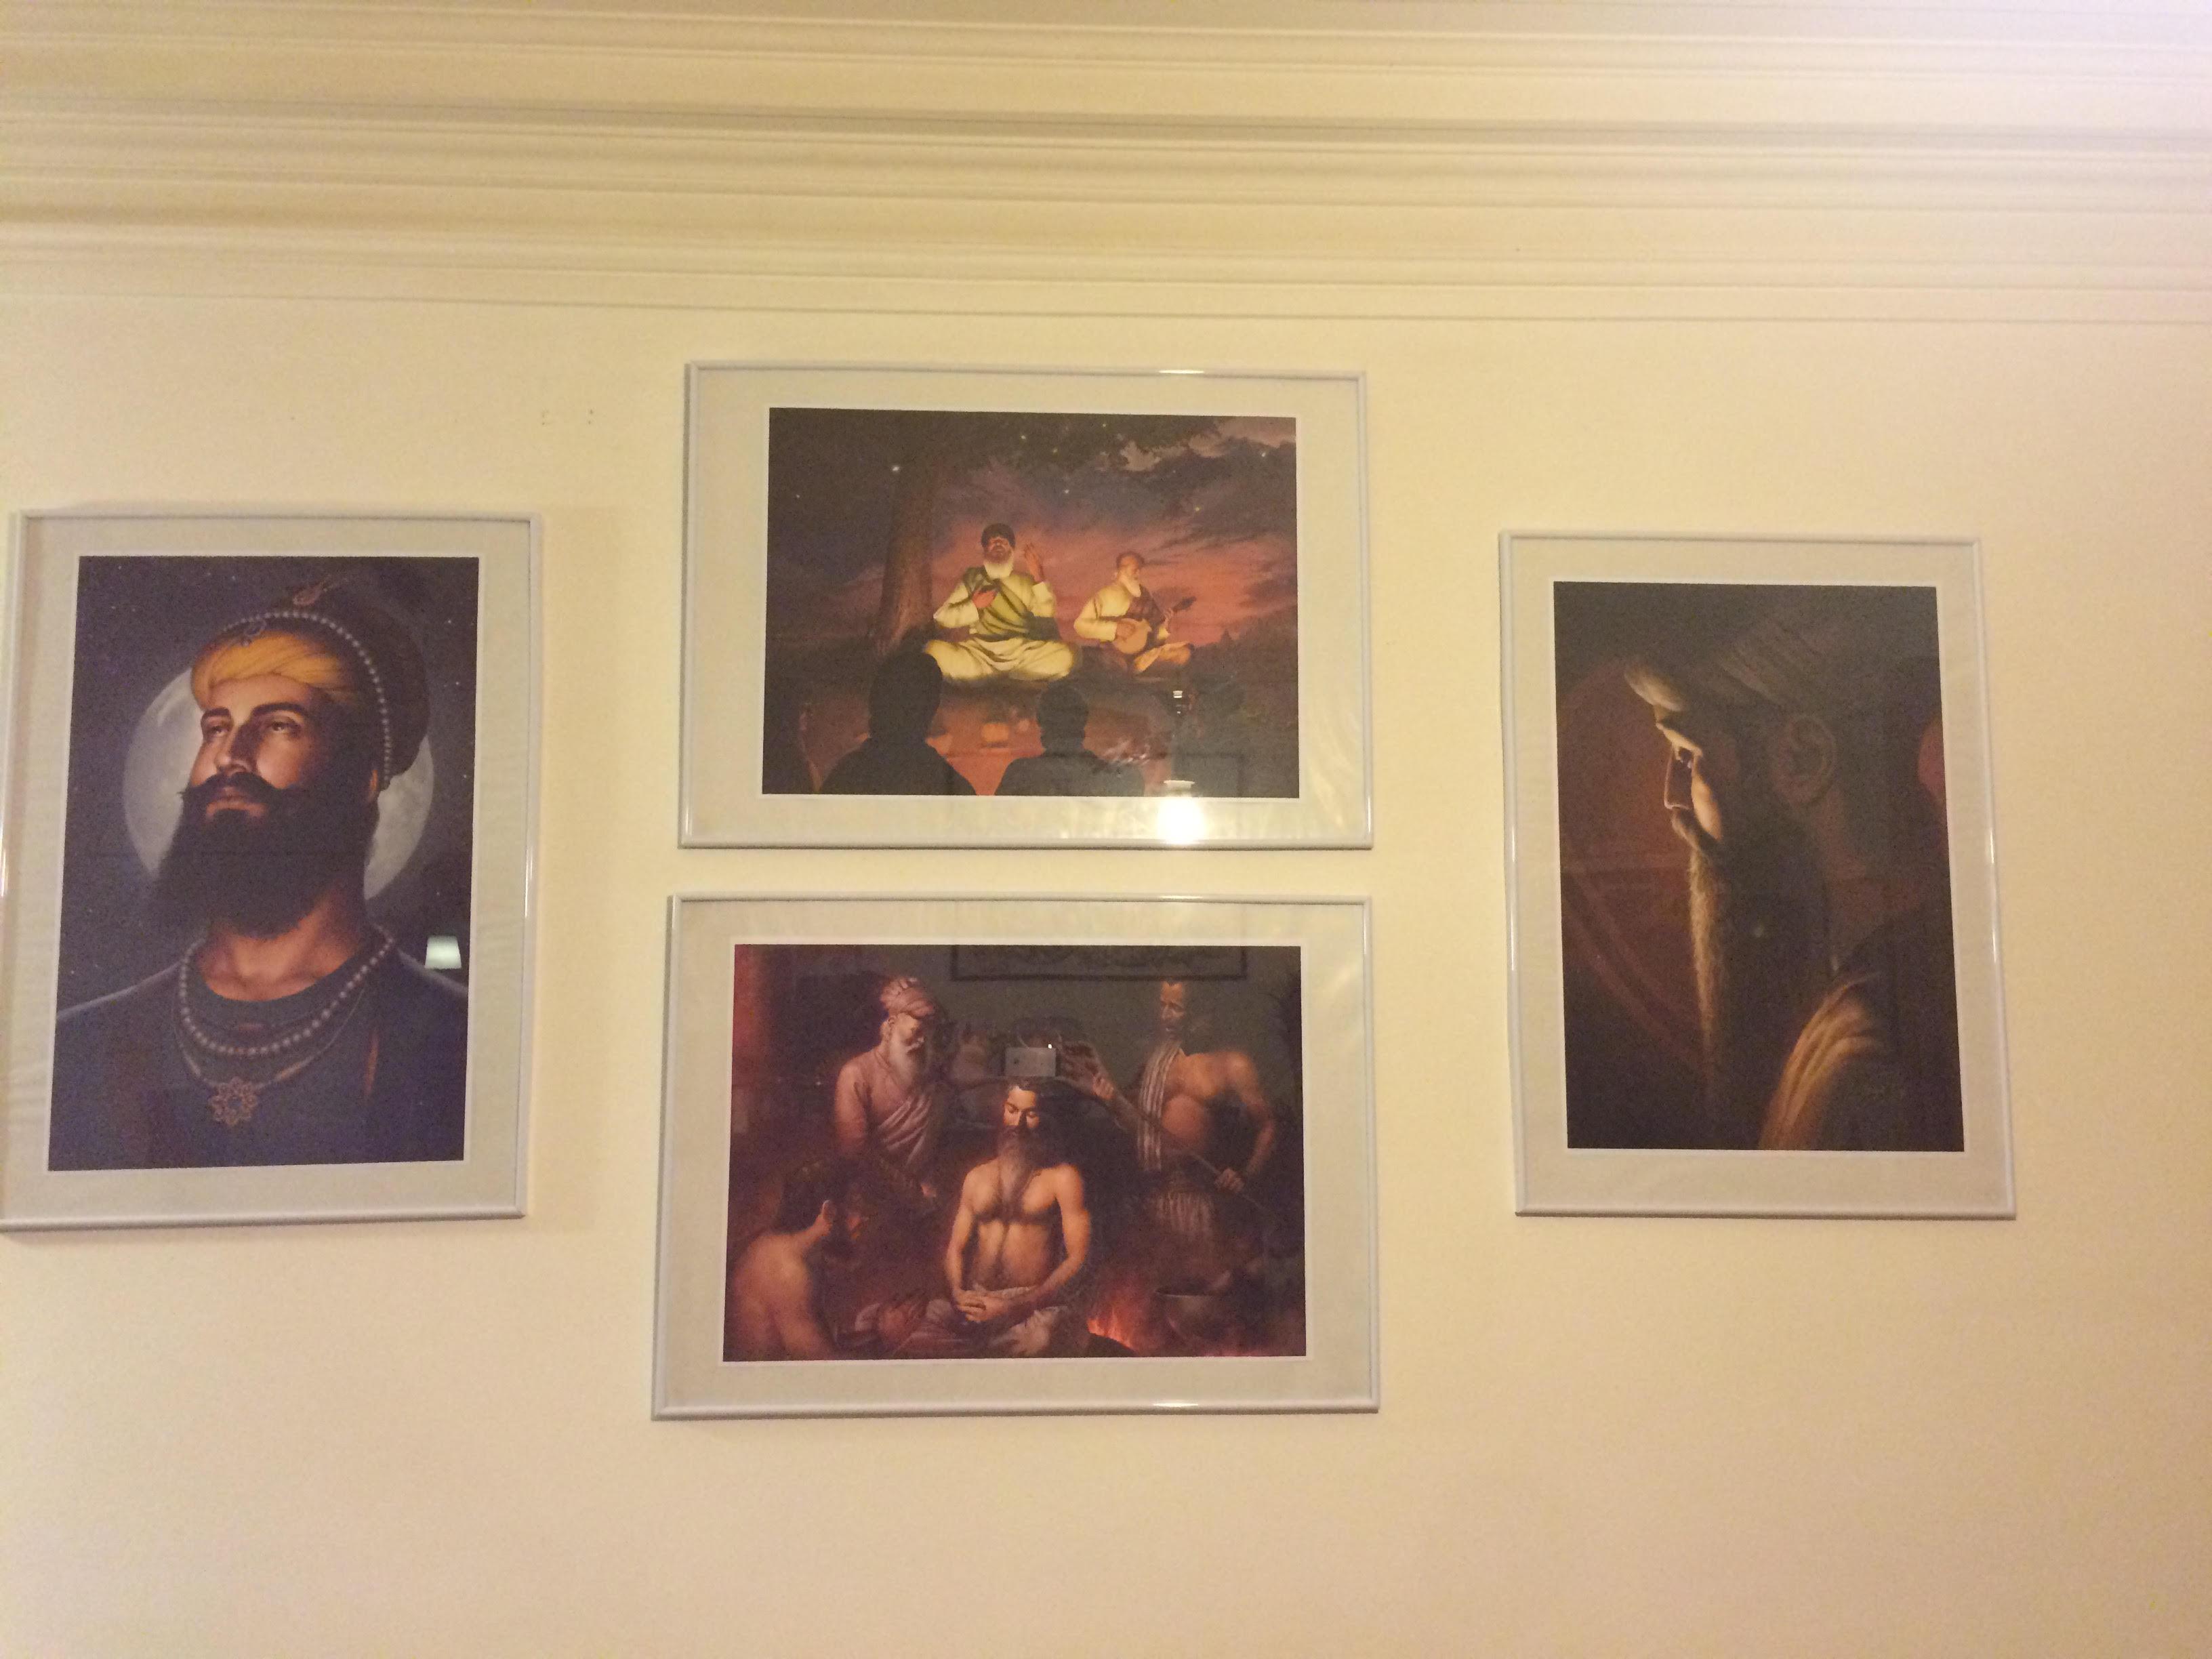 Guru Nanak Dev ji, Guru Ramdas ji, Guru Arjun Dev ji, Guru Gobind Singh ji, Bhagat Singh, Sikhi Art, Paintings, Punjab, Prints